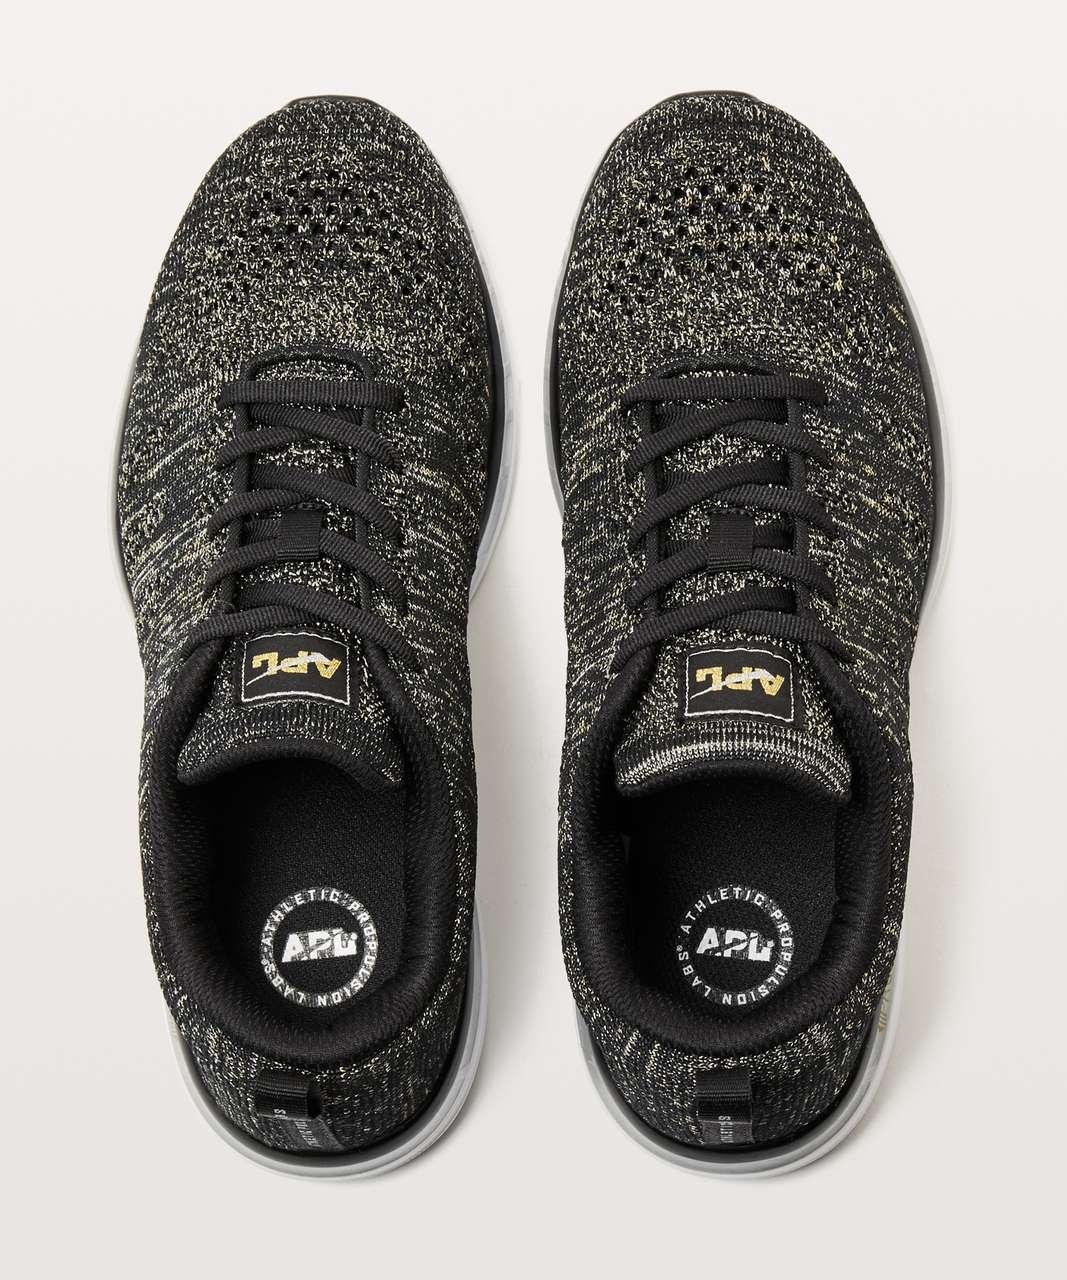 28a1843d0 Lululemon Womens TechLoom Pro Shoe *Metallic - Black / Gold / Silver - lulu  fanatics